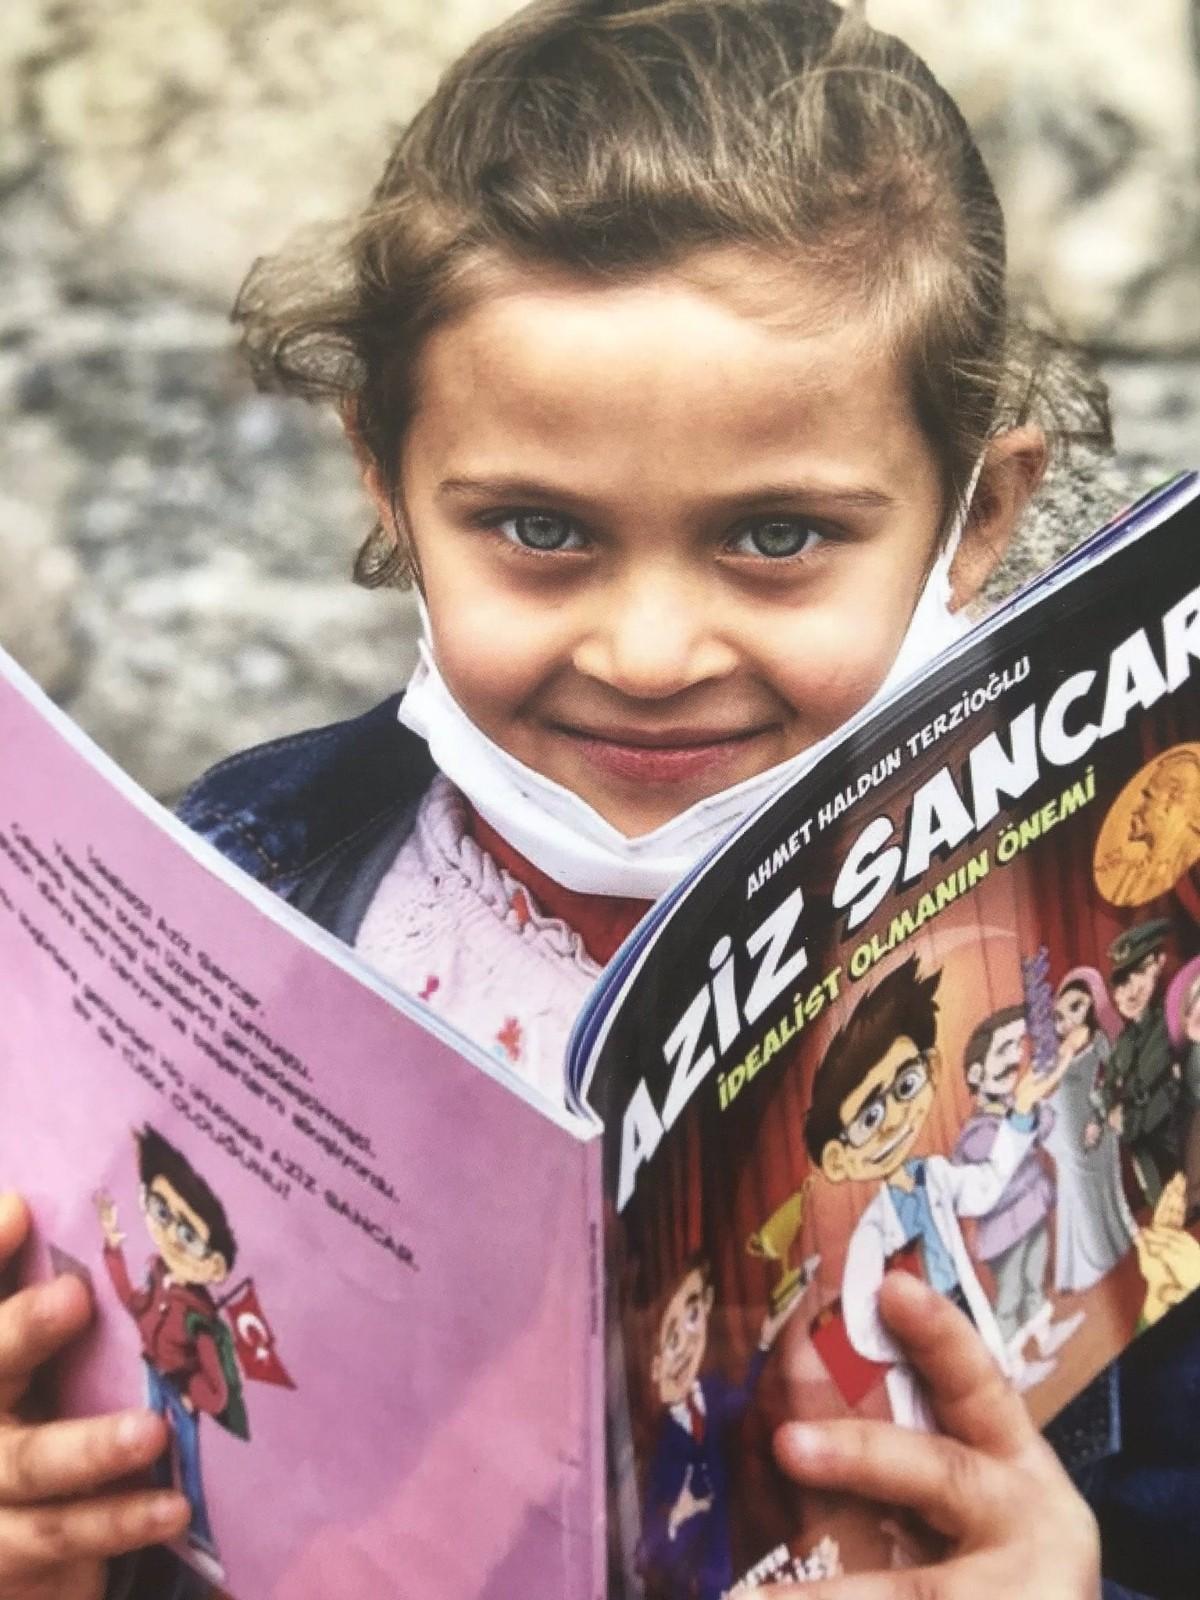 'Eğitimde Yeni Ufuklara' dergisinin ilk sayısı çıktı